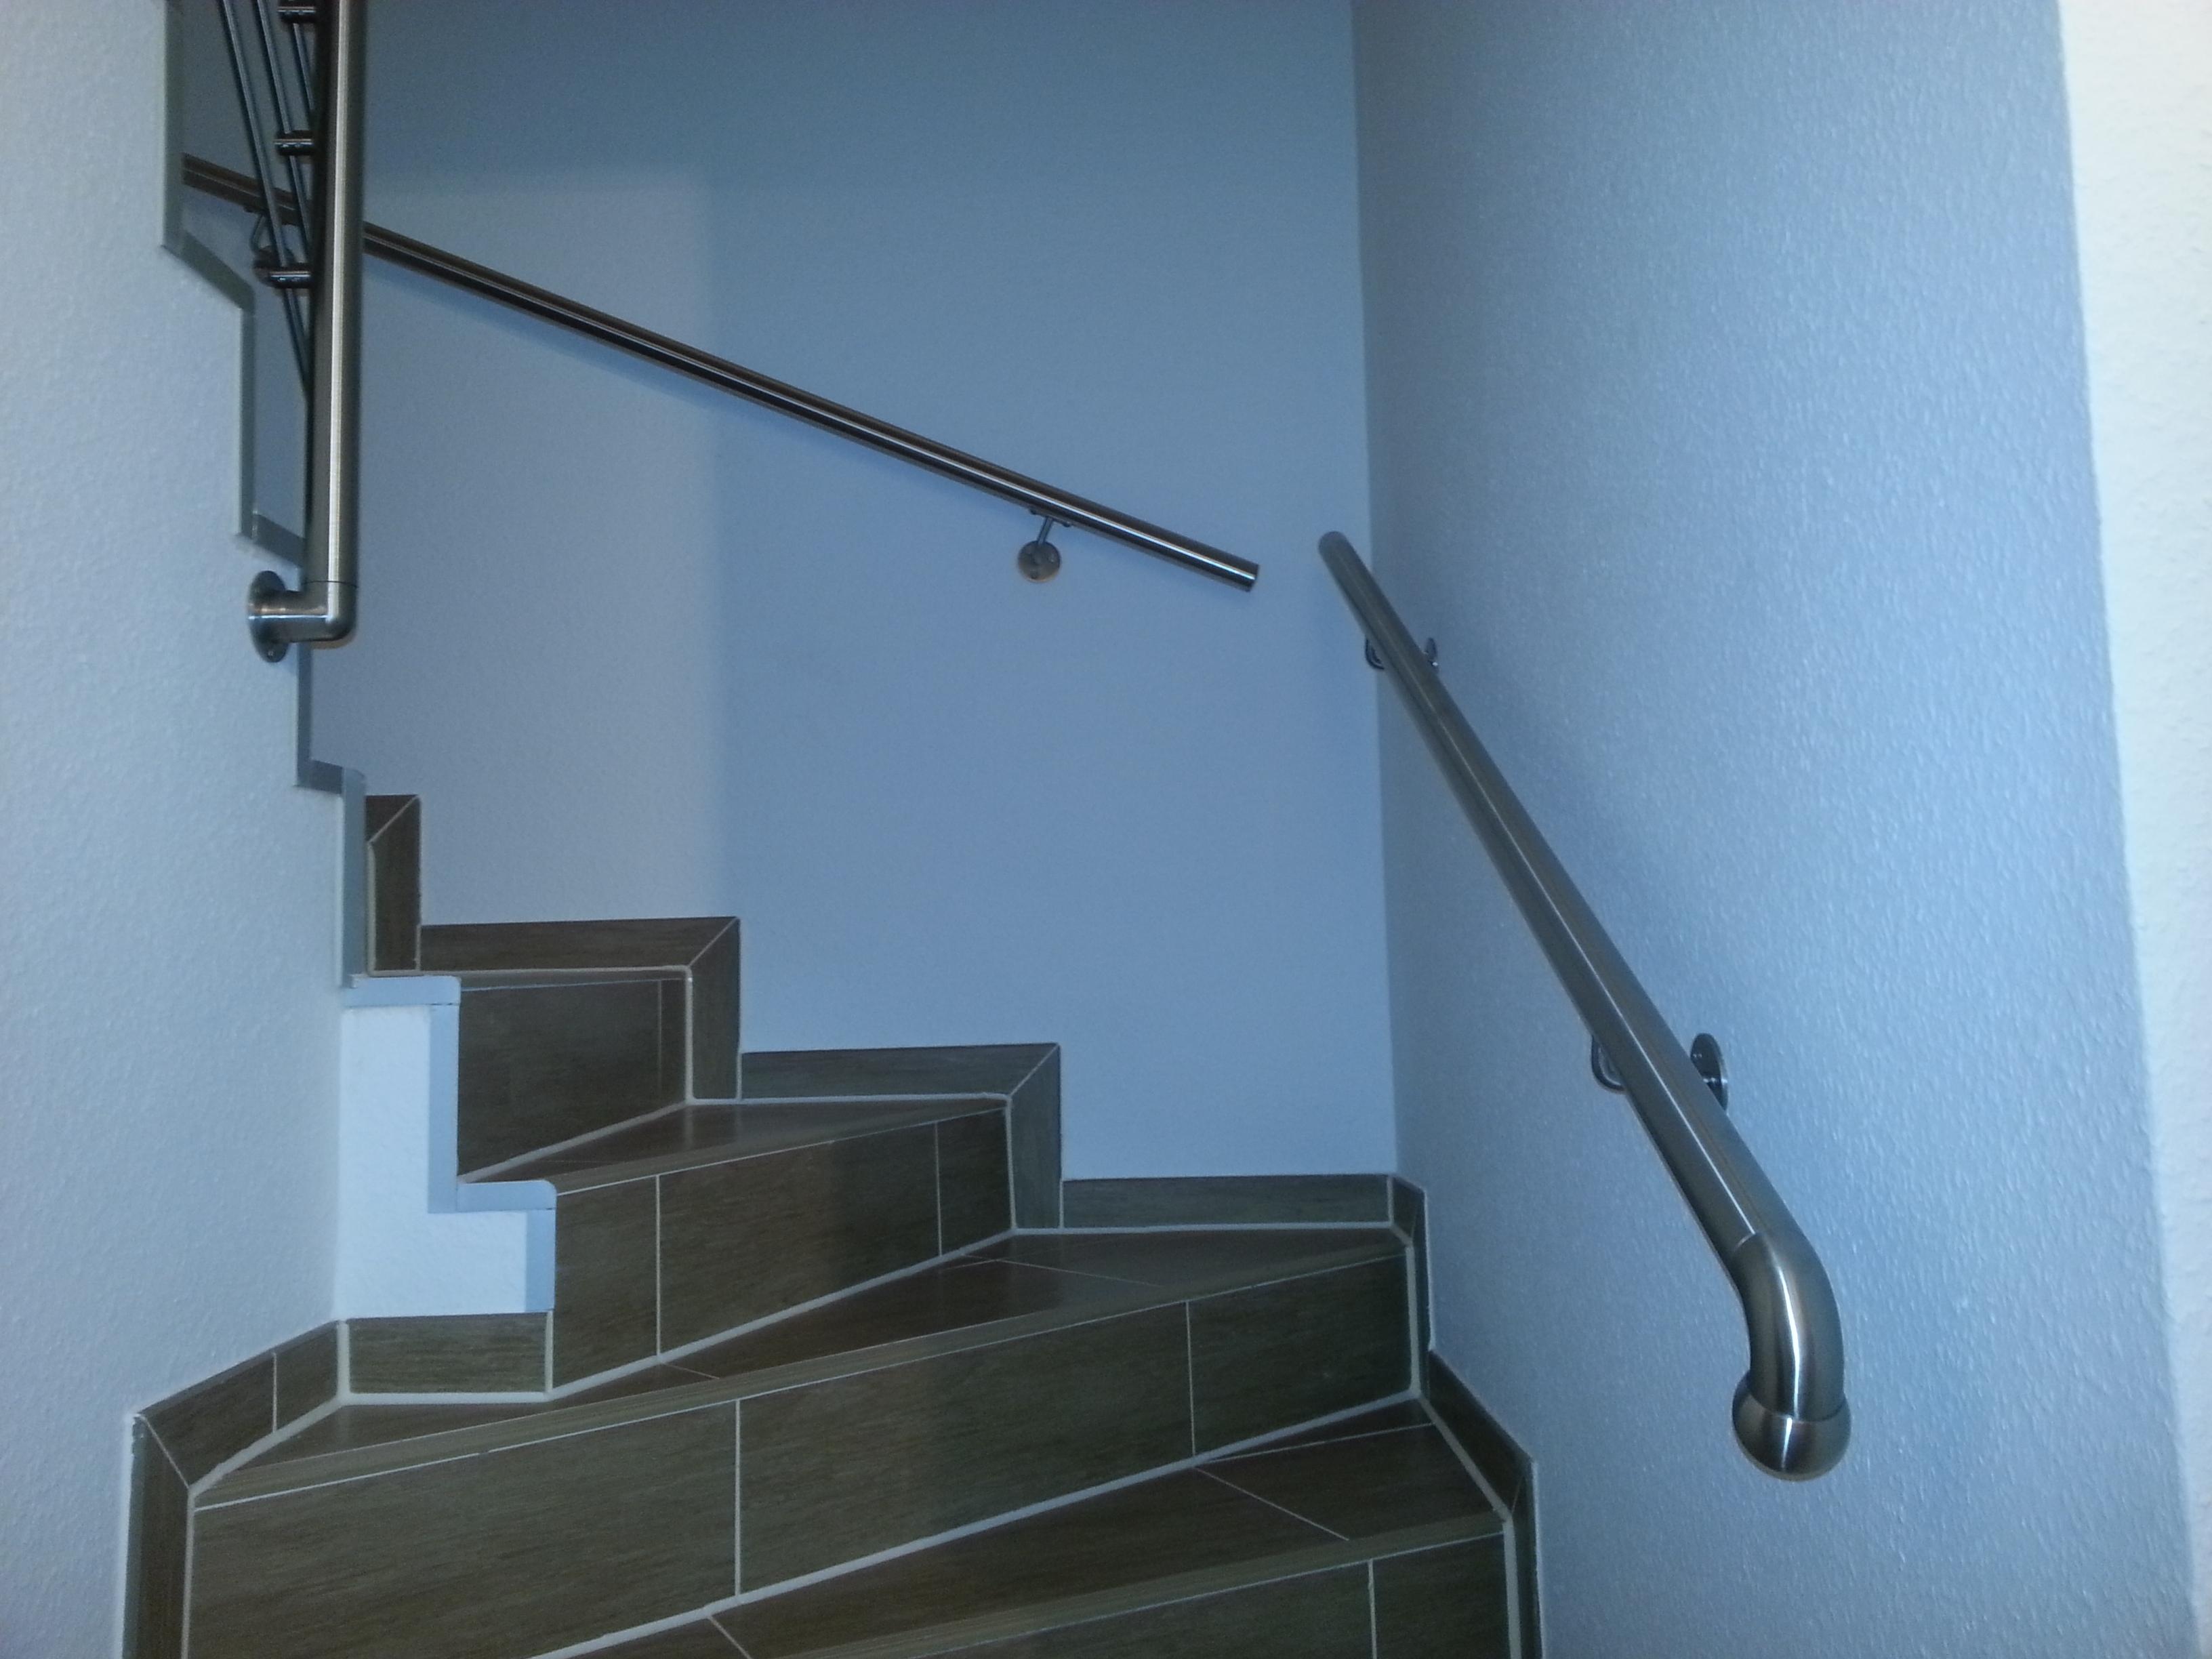 Treppengeländer 12.11.2012 1.